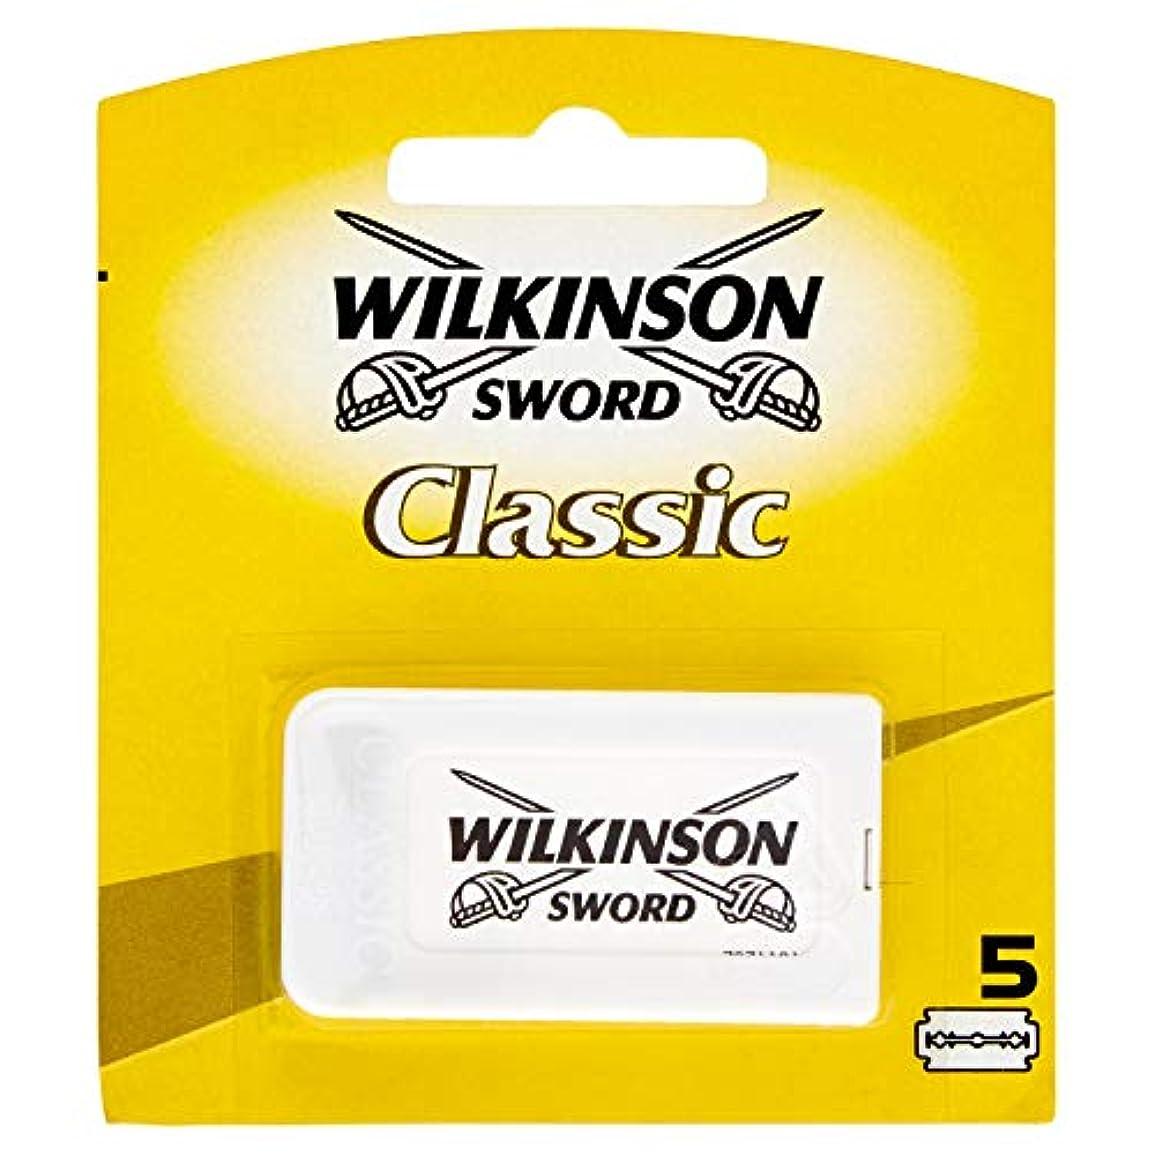 気になる意見ソブリケットWilkinson Sword(ウィルキンソンソード) Classic 両刃替刃 5個入り [並行輸入品]